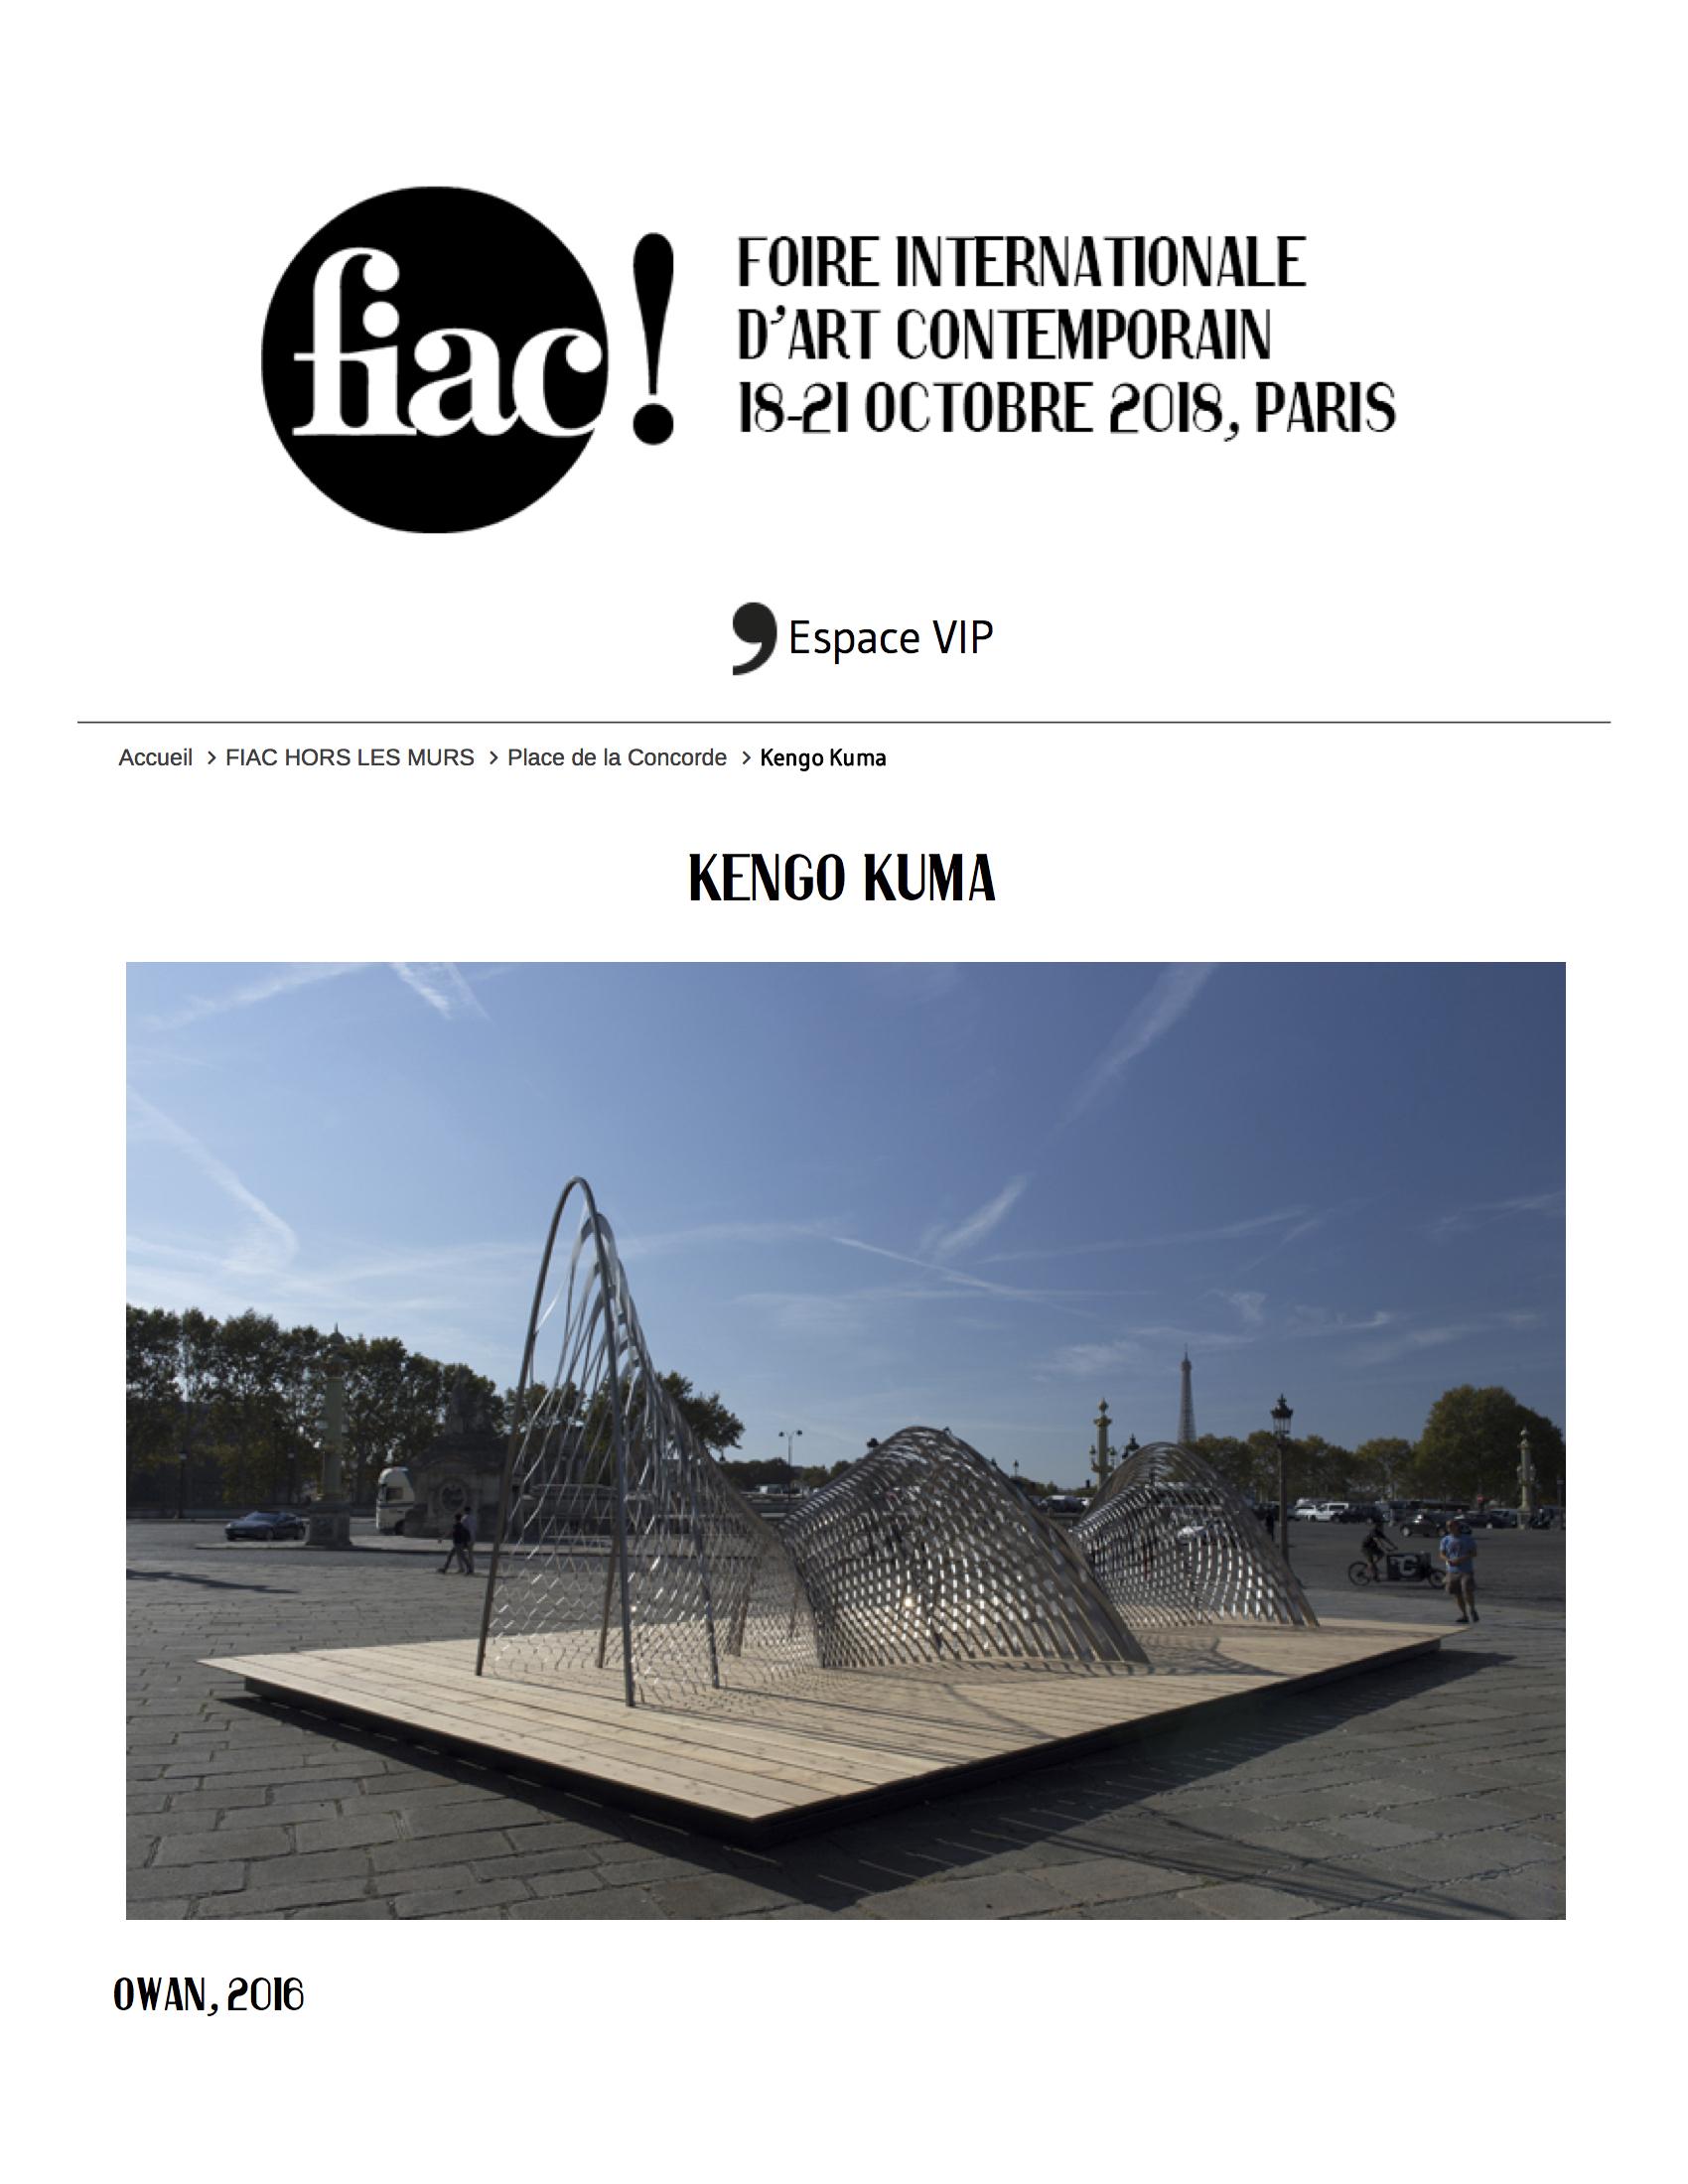 FIAC 2018, Kengo Kuma